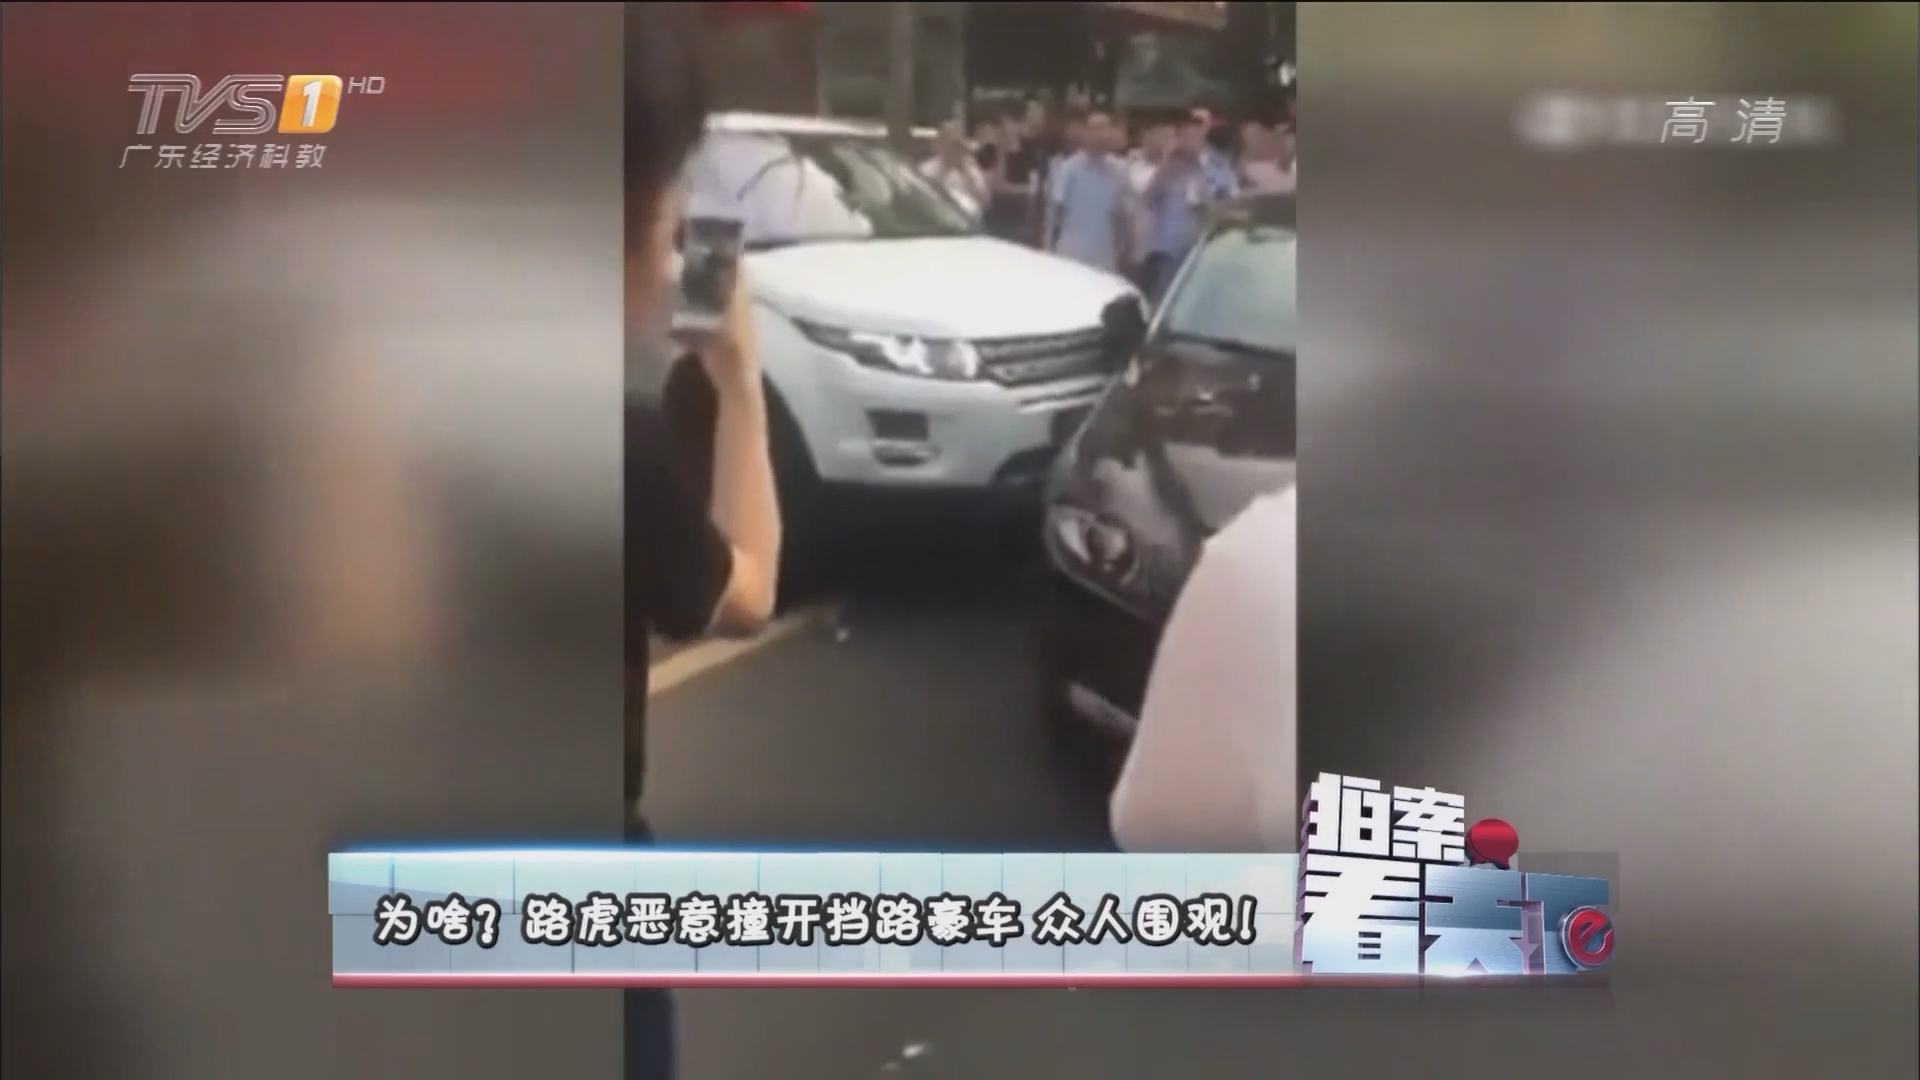 为啥?路虎恶意撞开挡路豪车 众人围观!